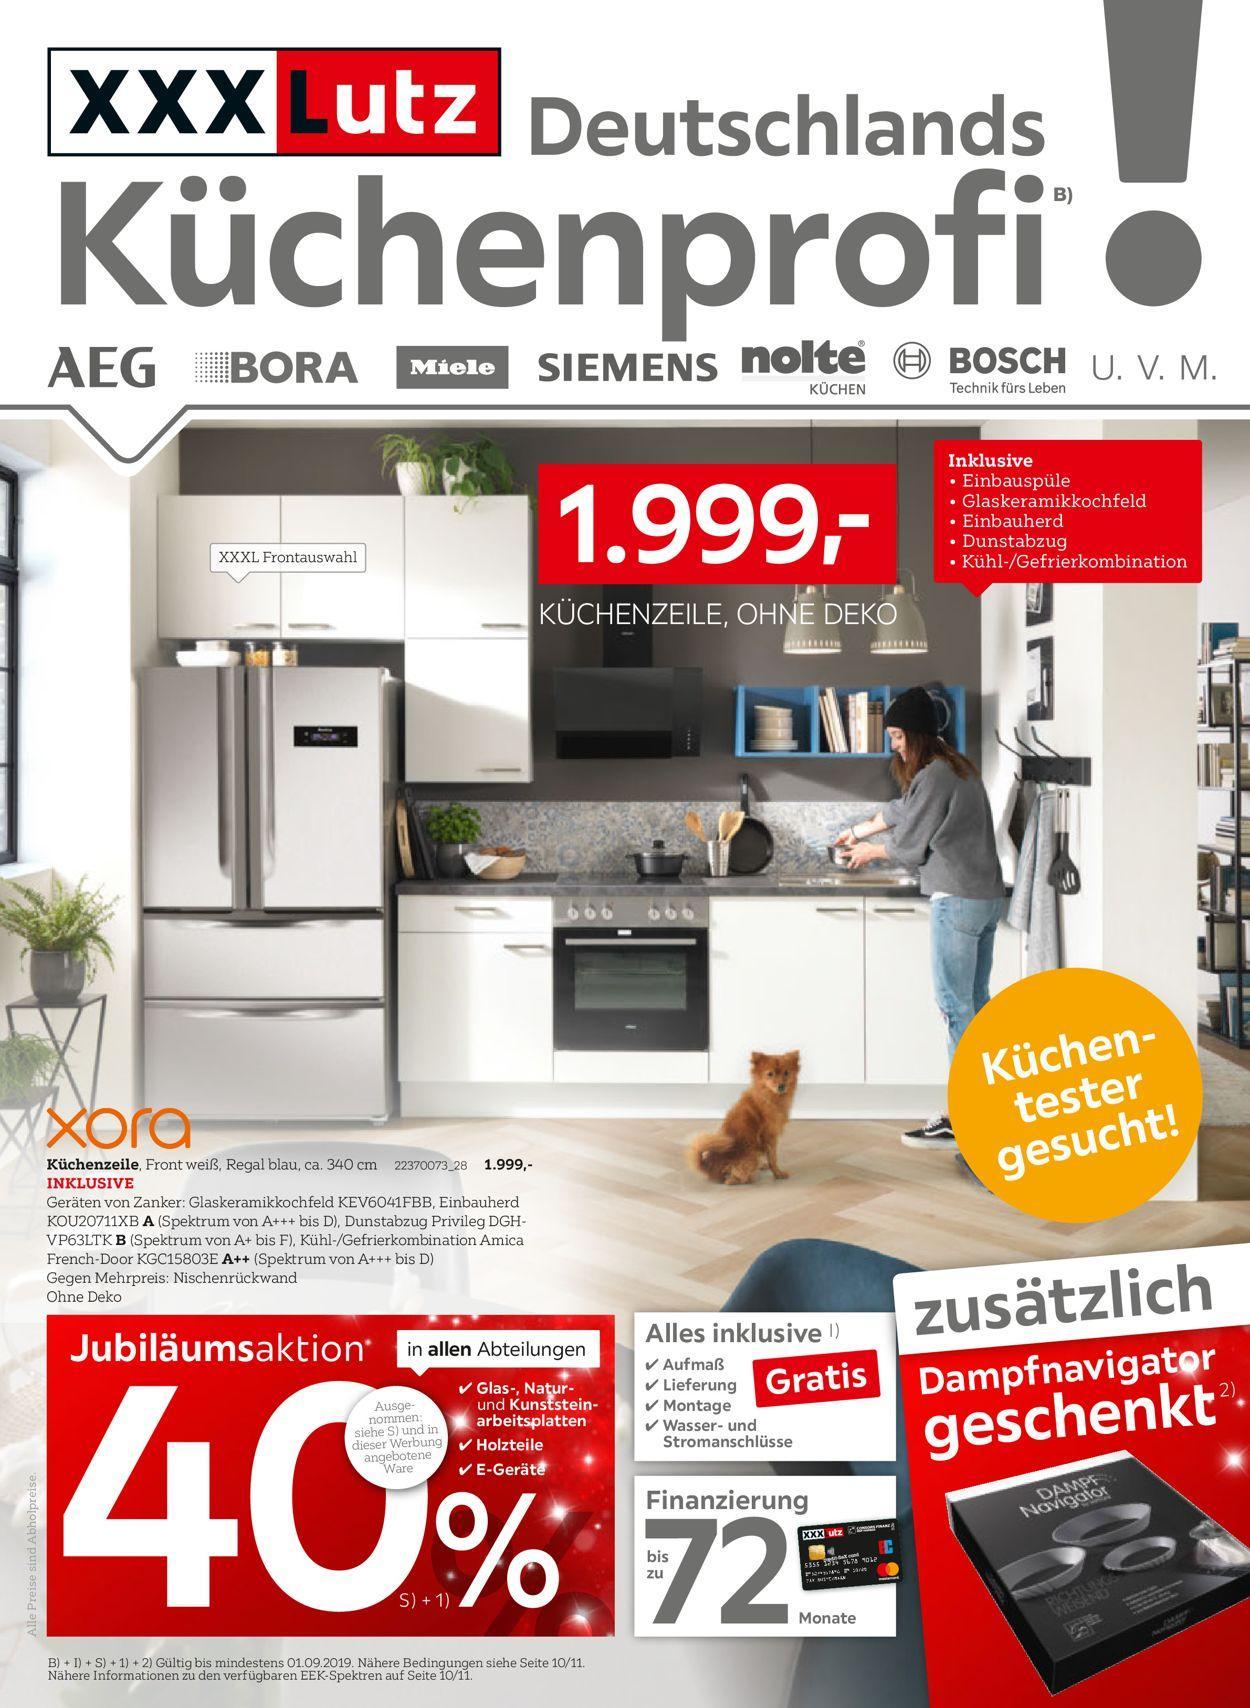 Xxl Lutz Küchen Angebote